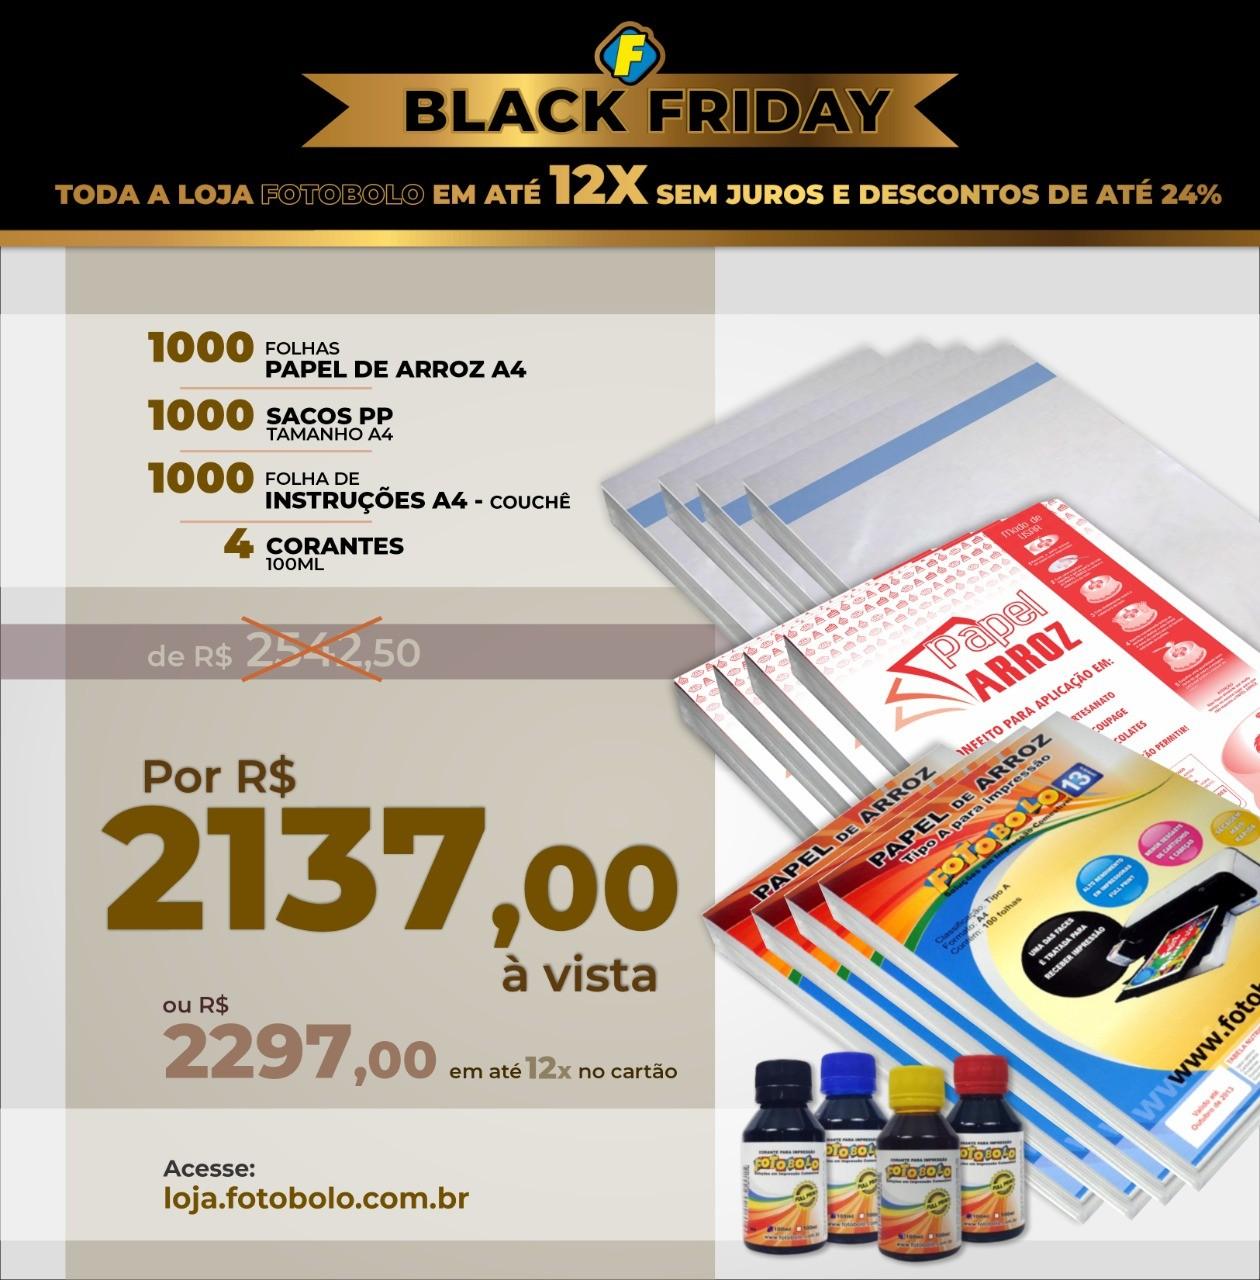 COMBO BLACK FRIDAY - 1000 Papéis Arroz A4 TIPO A + 1000 sacos PP A4 + 1000 Folhas de Instrução A4 + 1 Kit de Corante 100 ( 4 frascos + 4 bicos)